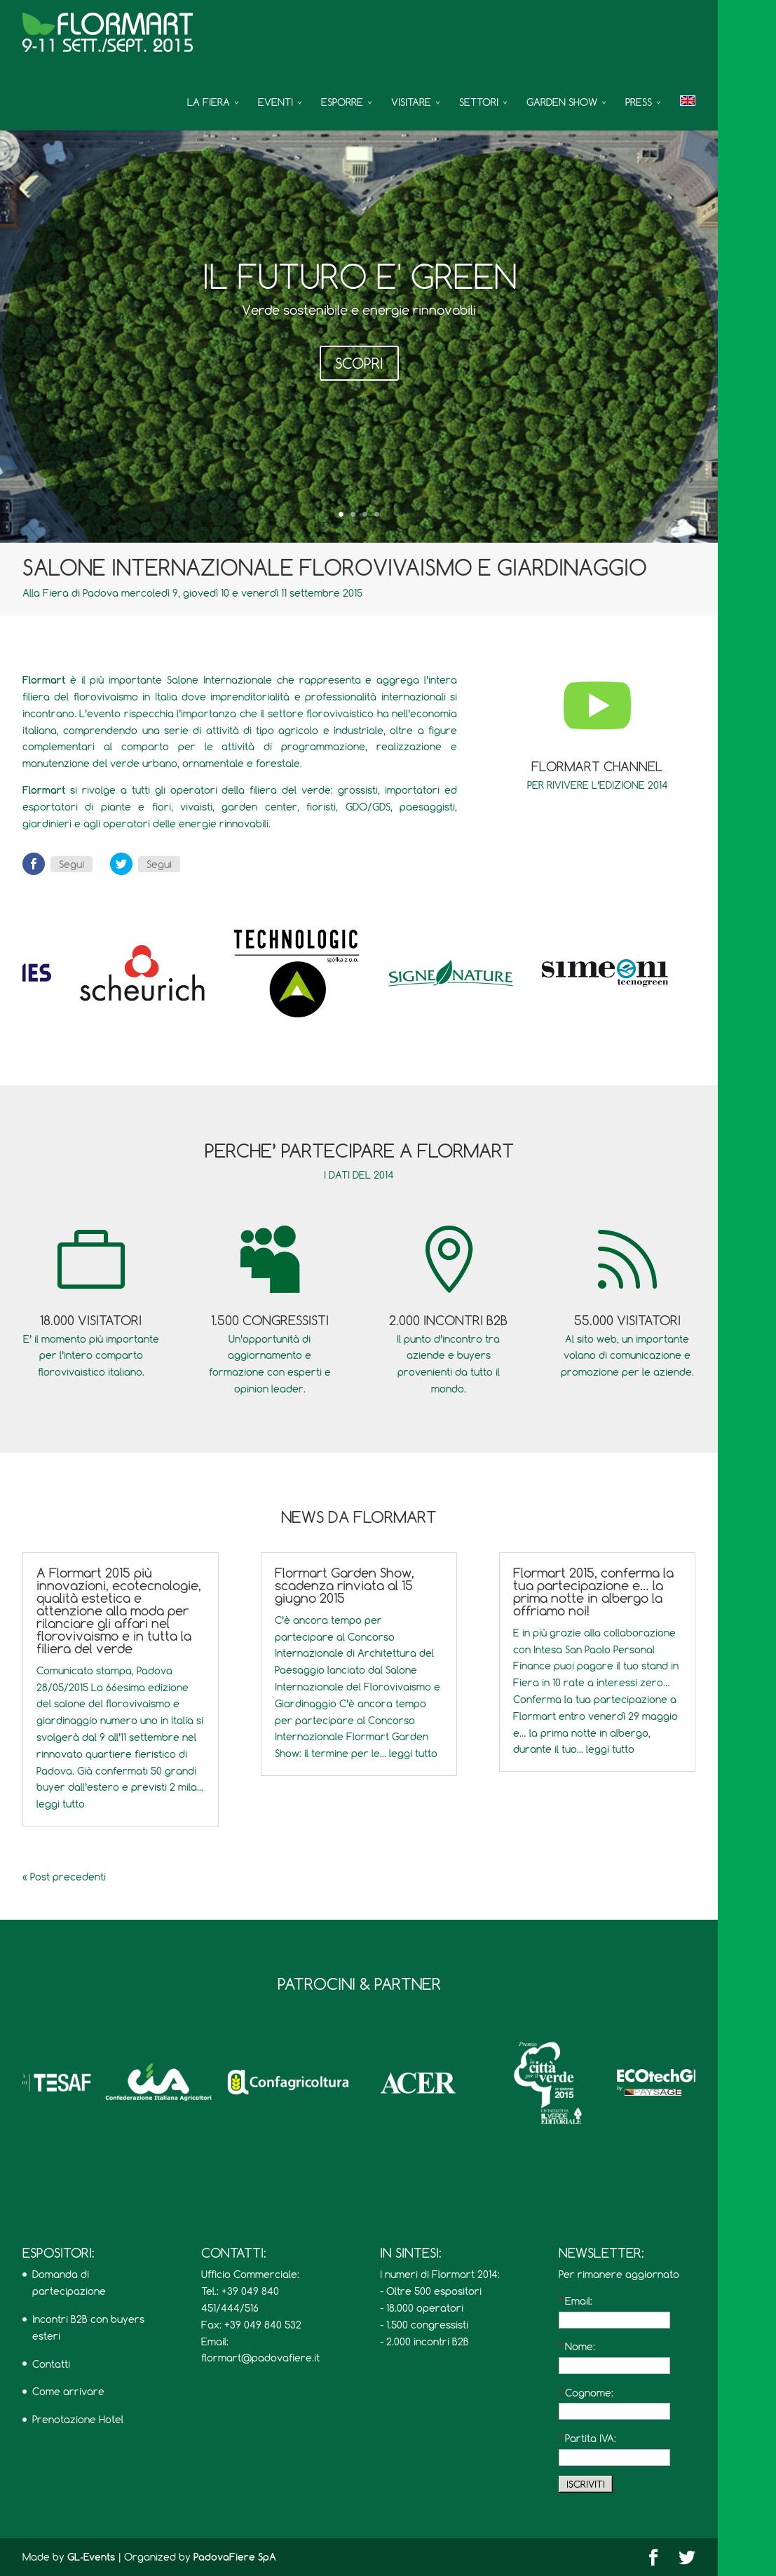 Incontri siti Web 2015